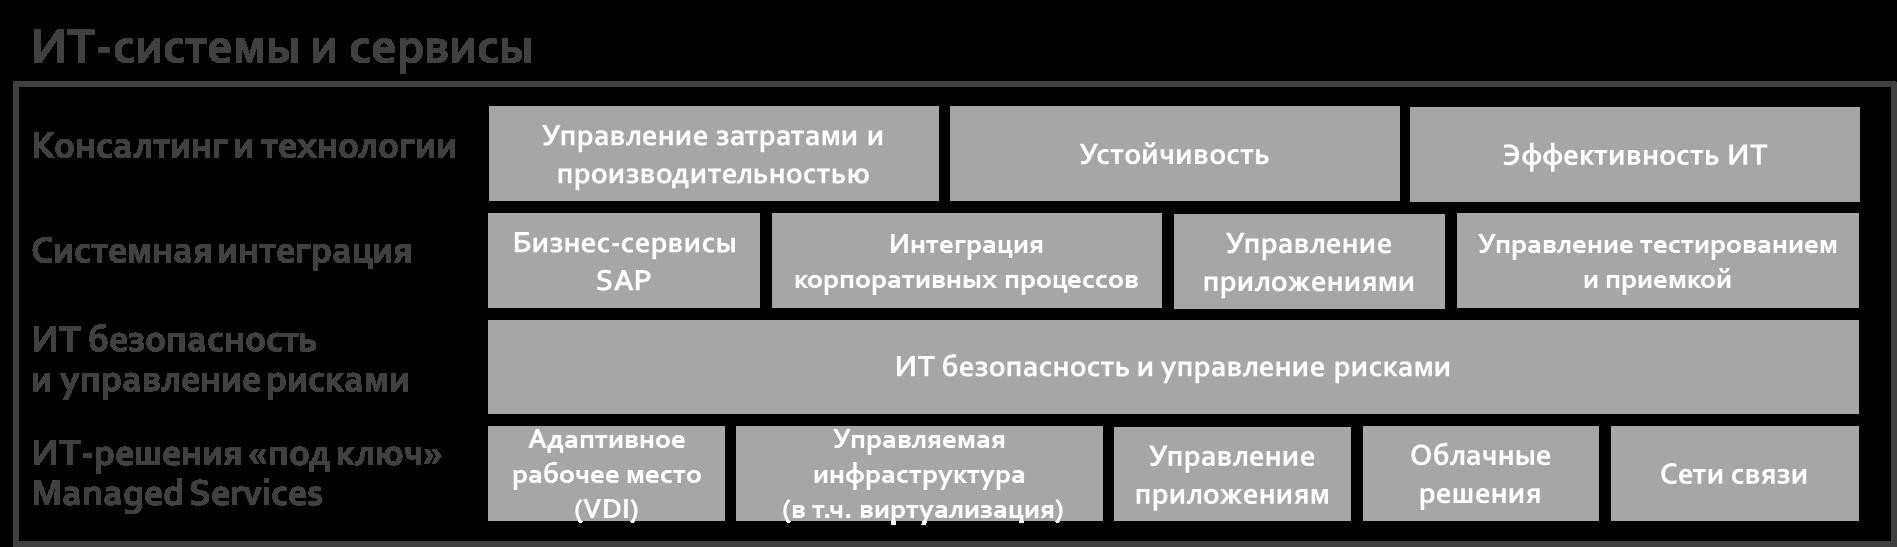 Финансовый сектор 2